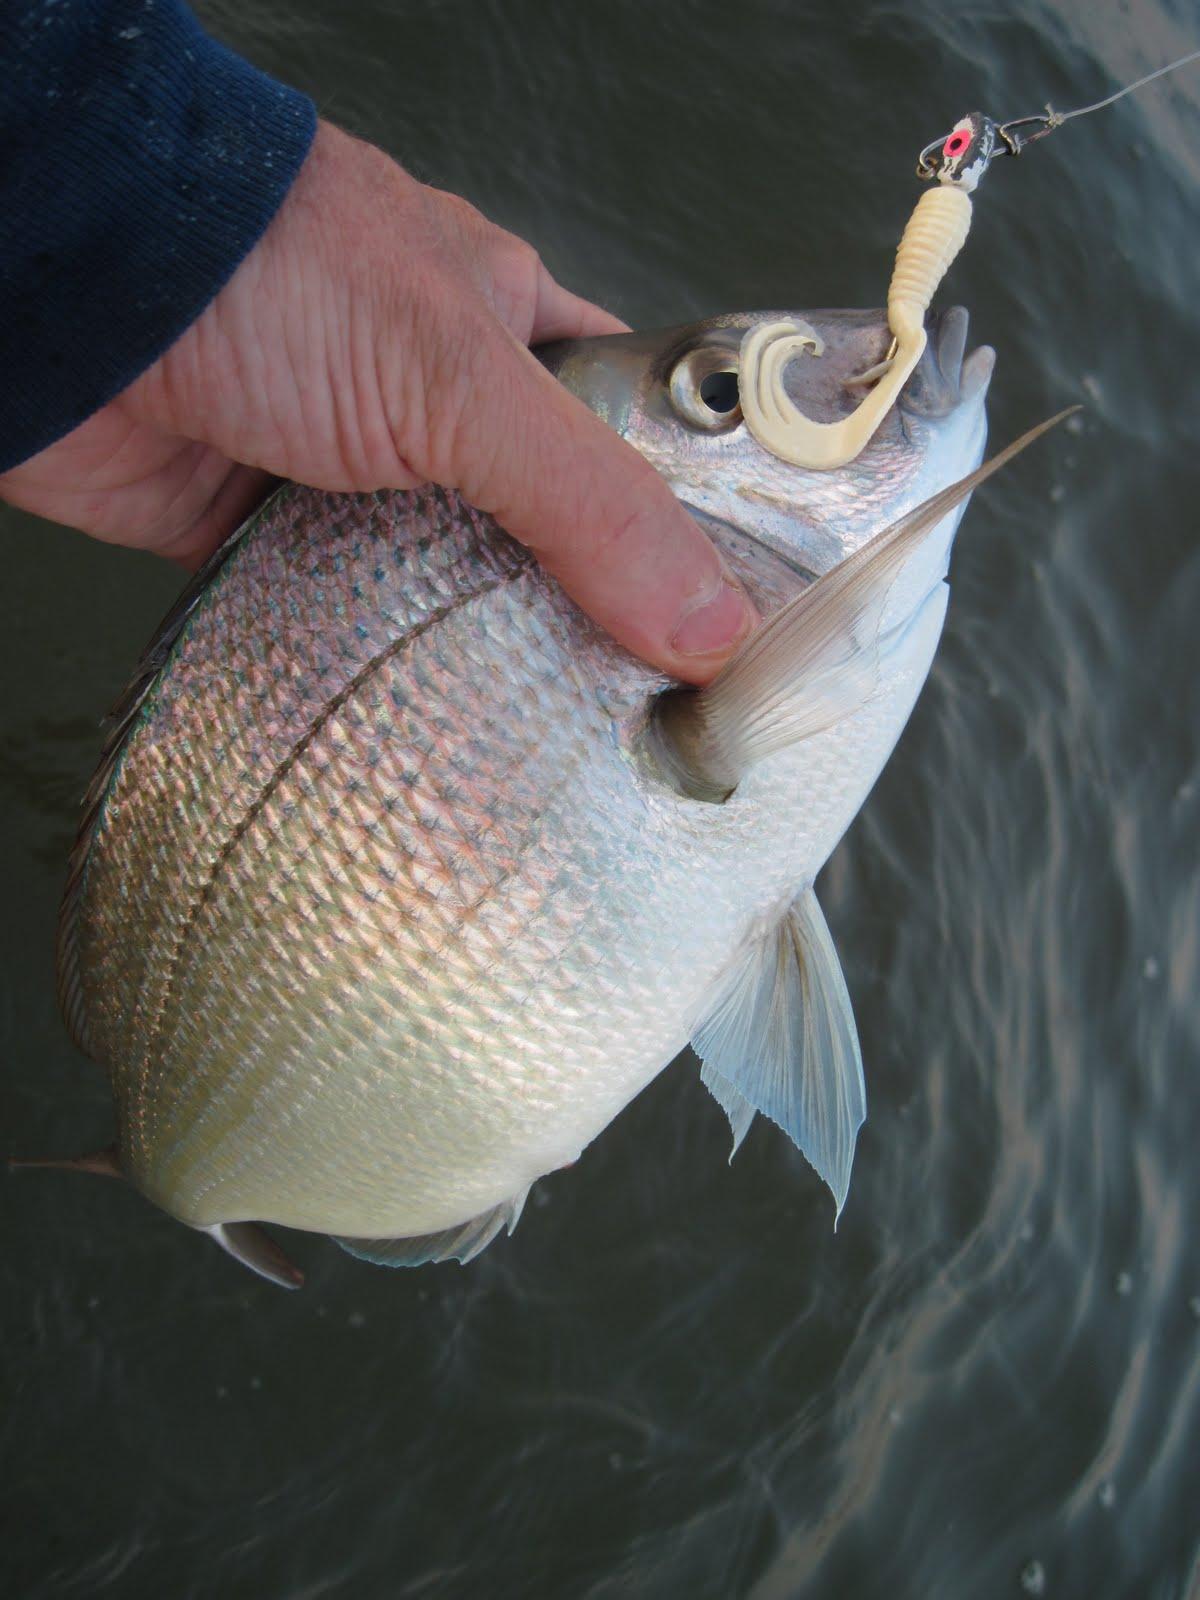 Rhode Island Striped Bass: Dinner Plate Scup